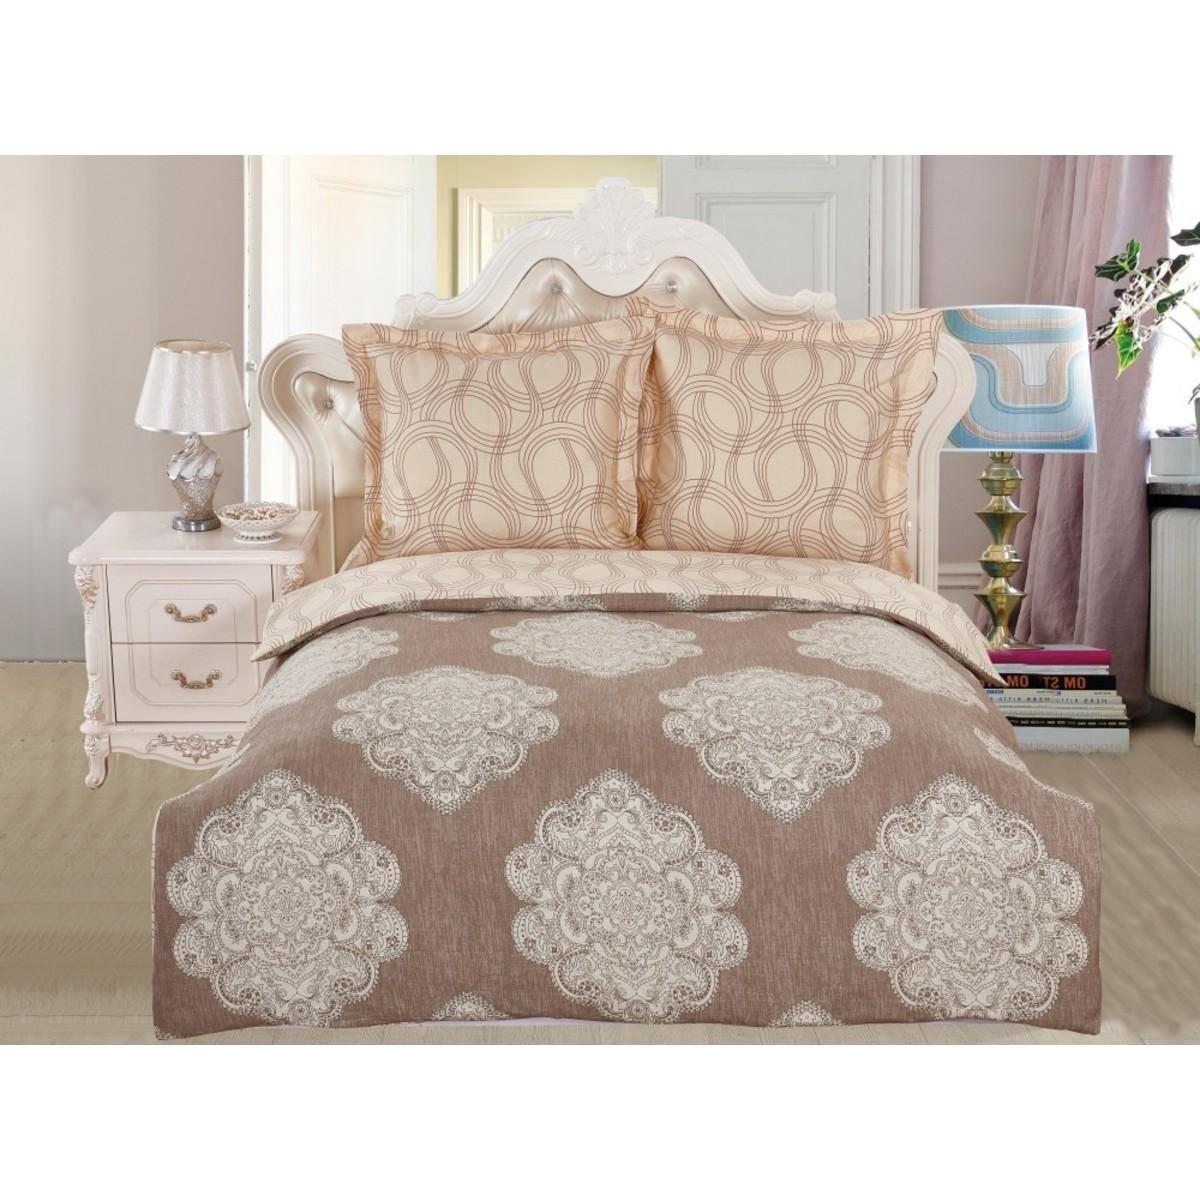 Комплект постельного белья СL-270 двуспальный сатин